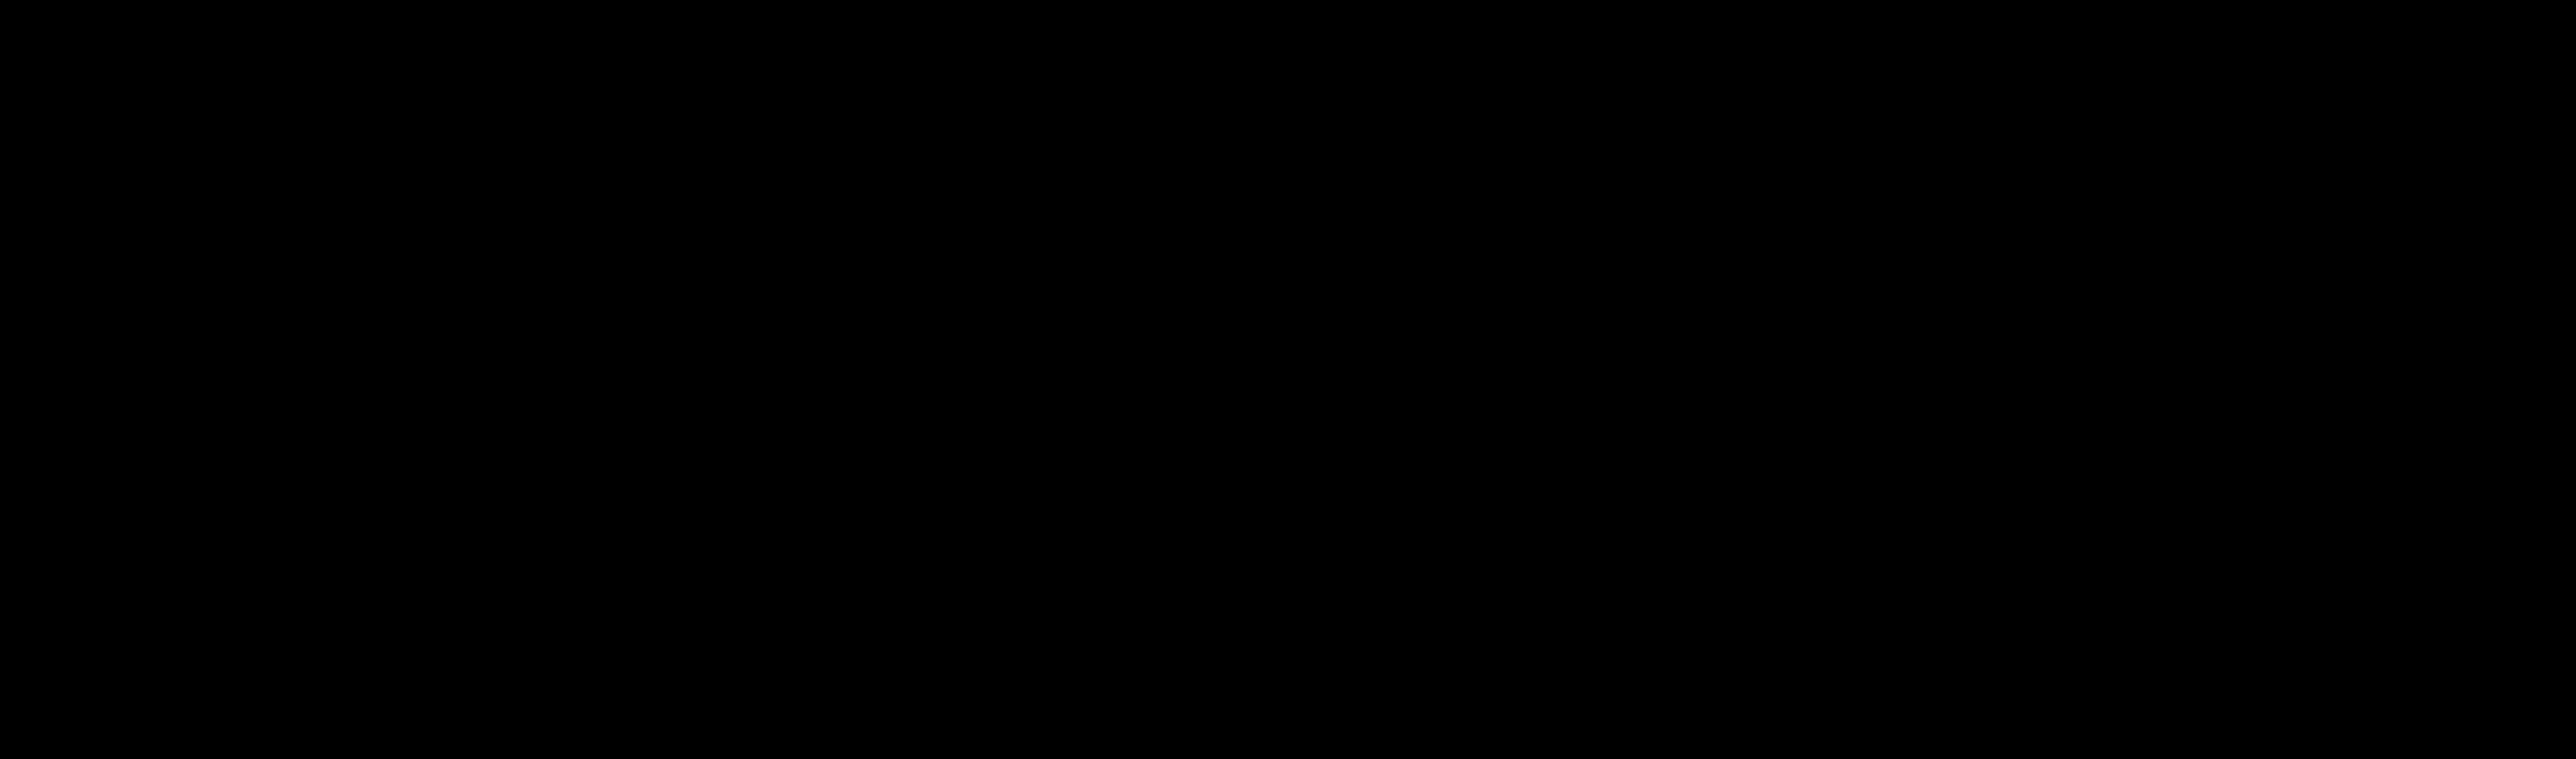 N-(10-Dansyl-d<sub>6</sub> amino)decyl-1-oleamide